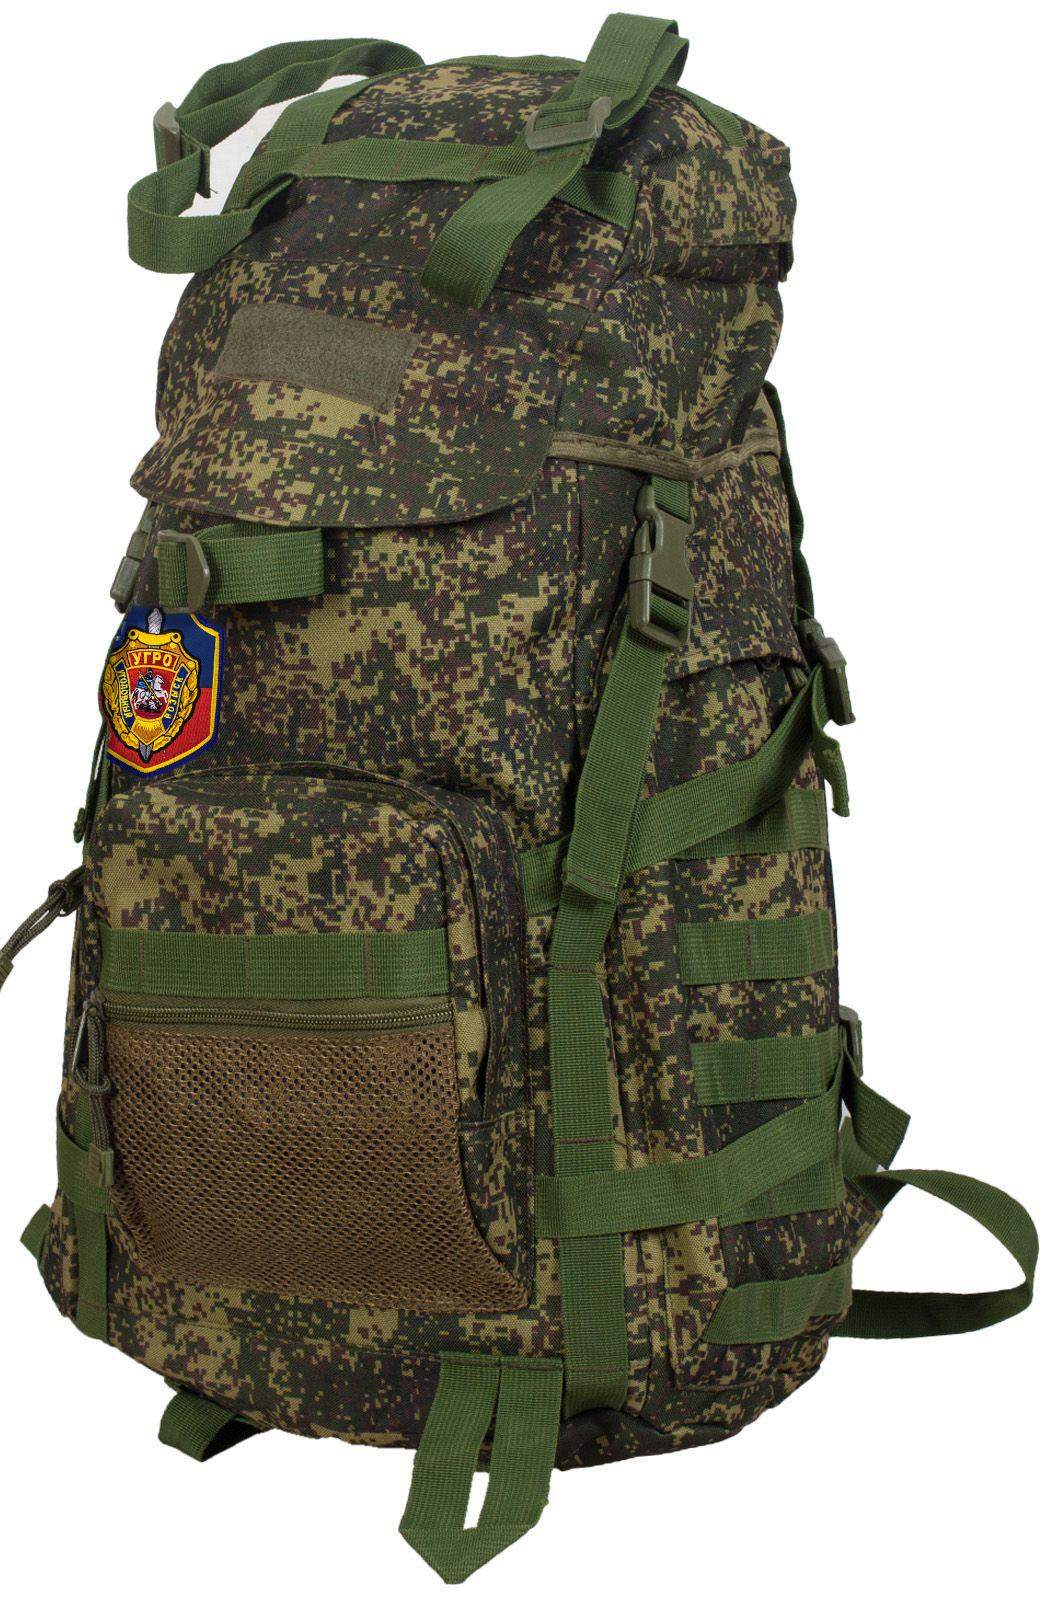 Рейдовый камуфляжный рюкзак с нашивкой УГРО - заказать выгодно